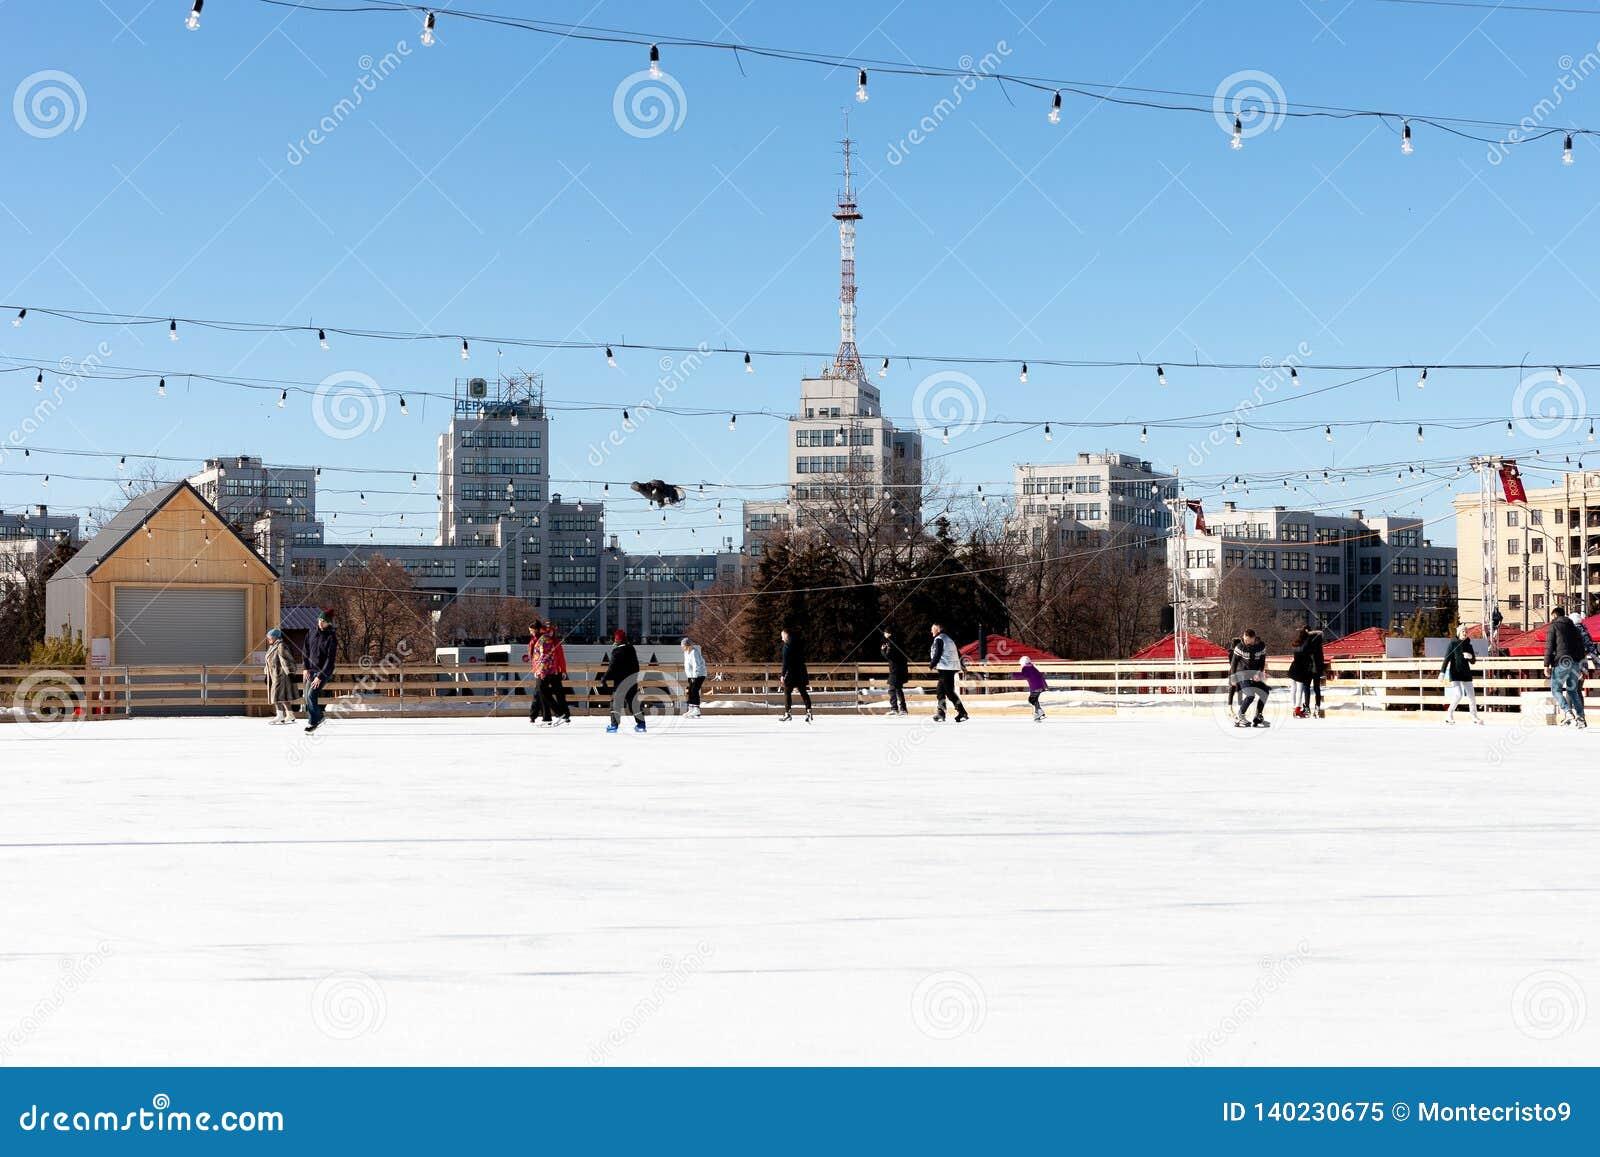 Pista de gelo exterior no quadrado central corrediça dos povos e para ter o divertimento cidade de kharkiv